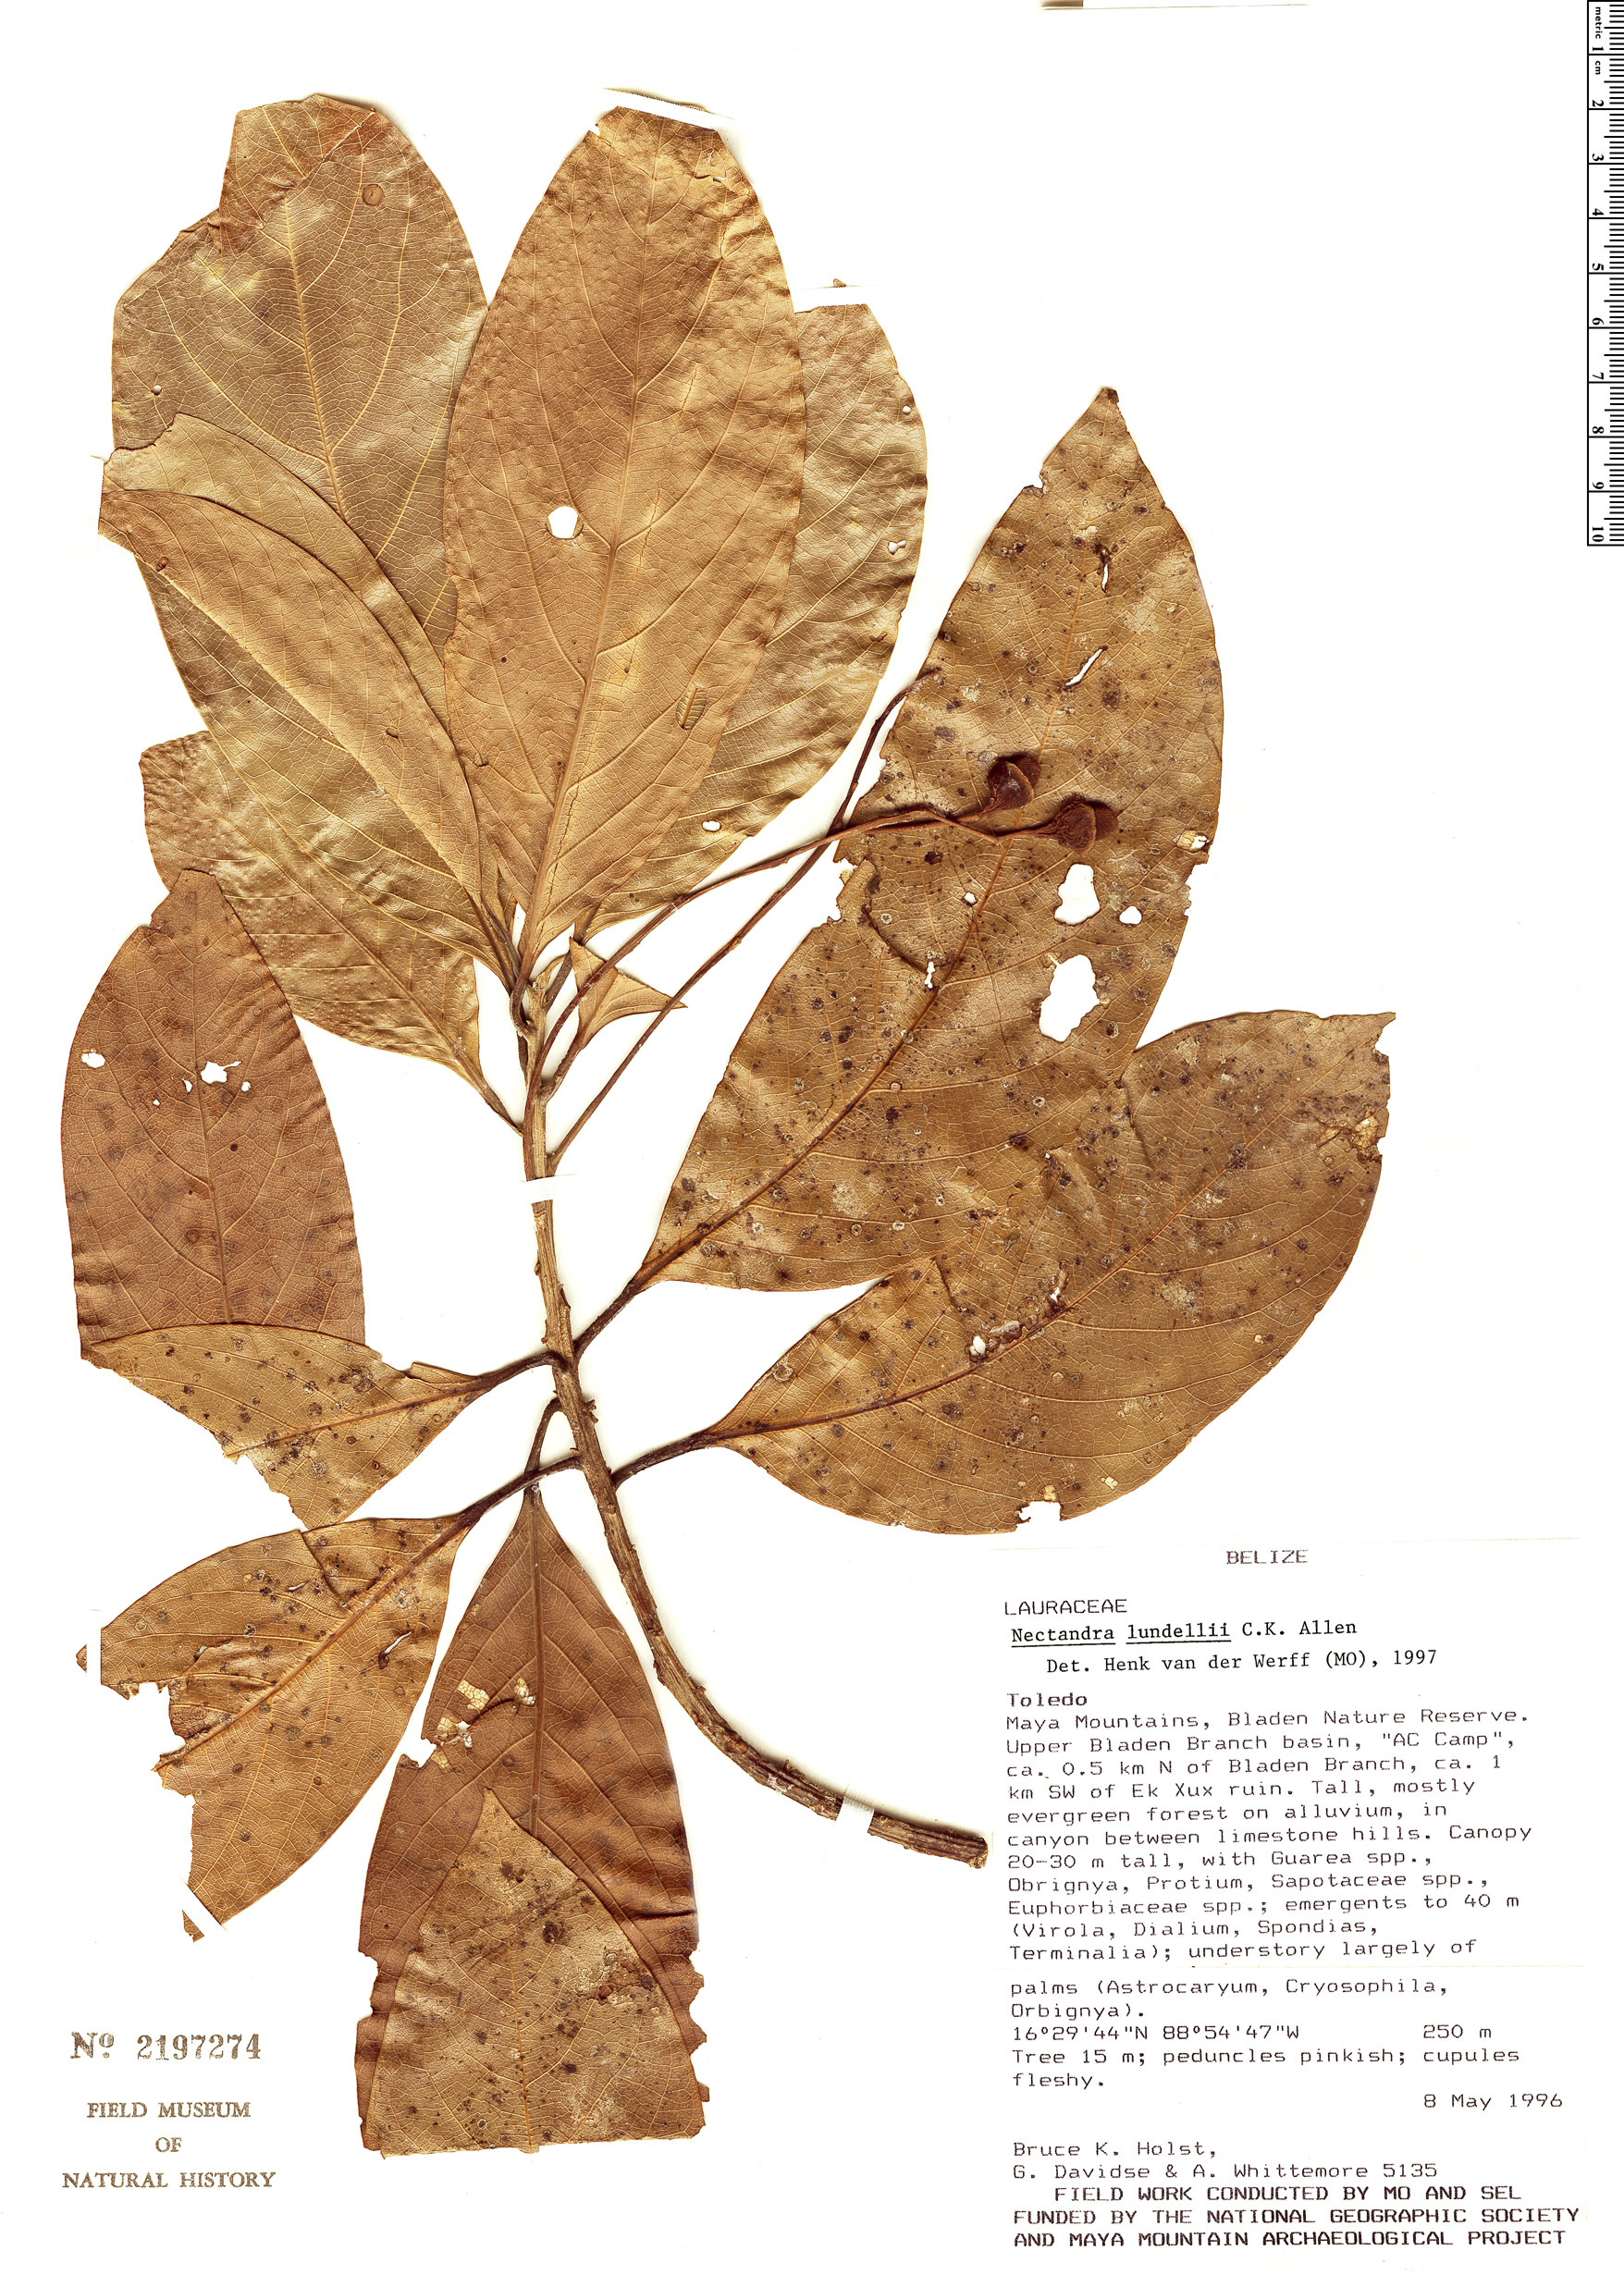 Specimen: Nectandra lundellii